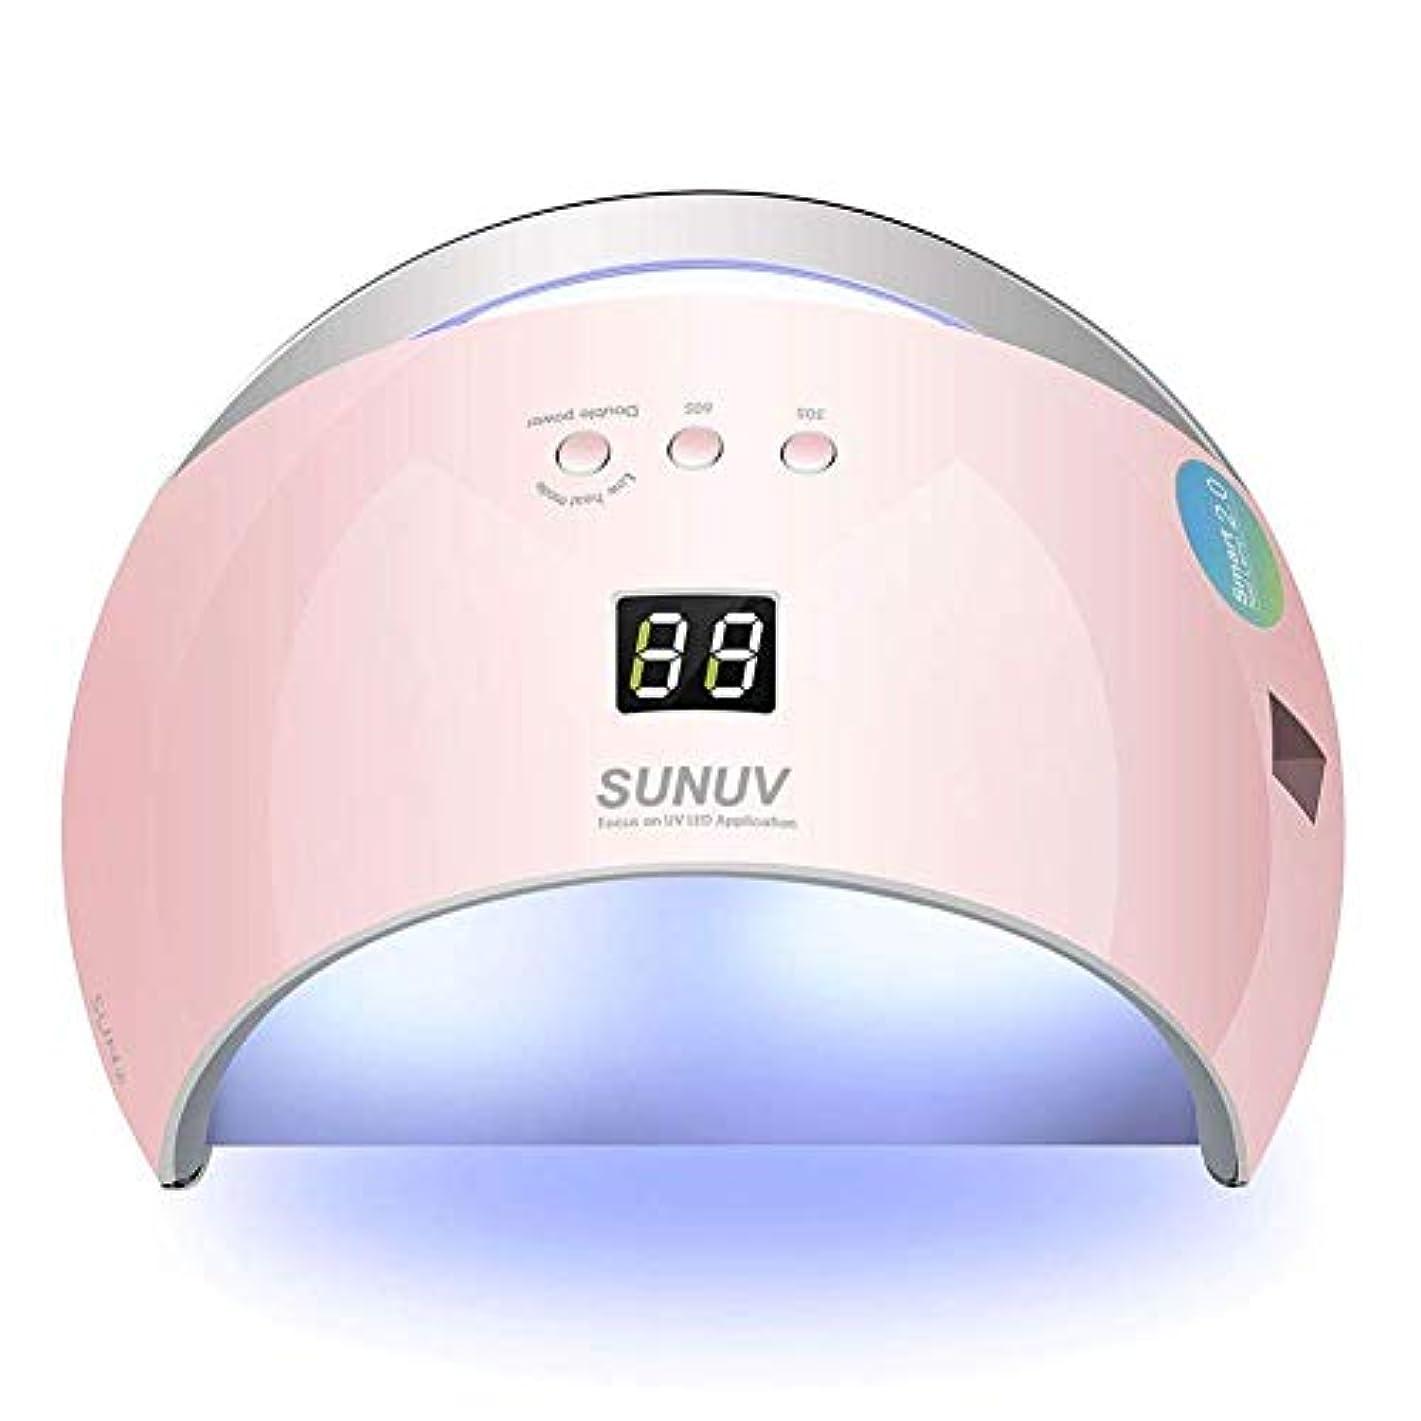 自由エイリアン広告するネイルドライヤーSUN6 48WネイルドライヤーオートセンサーポータブルUVランプ乾燥用低発熱モデルダブルパワーファストマニキュアネイルランプ、画像としての色